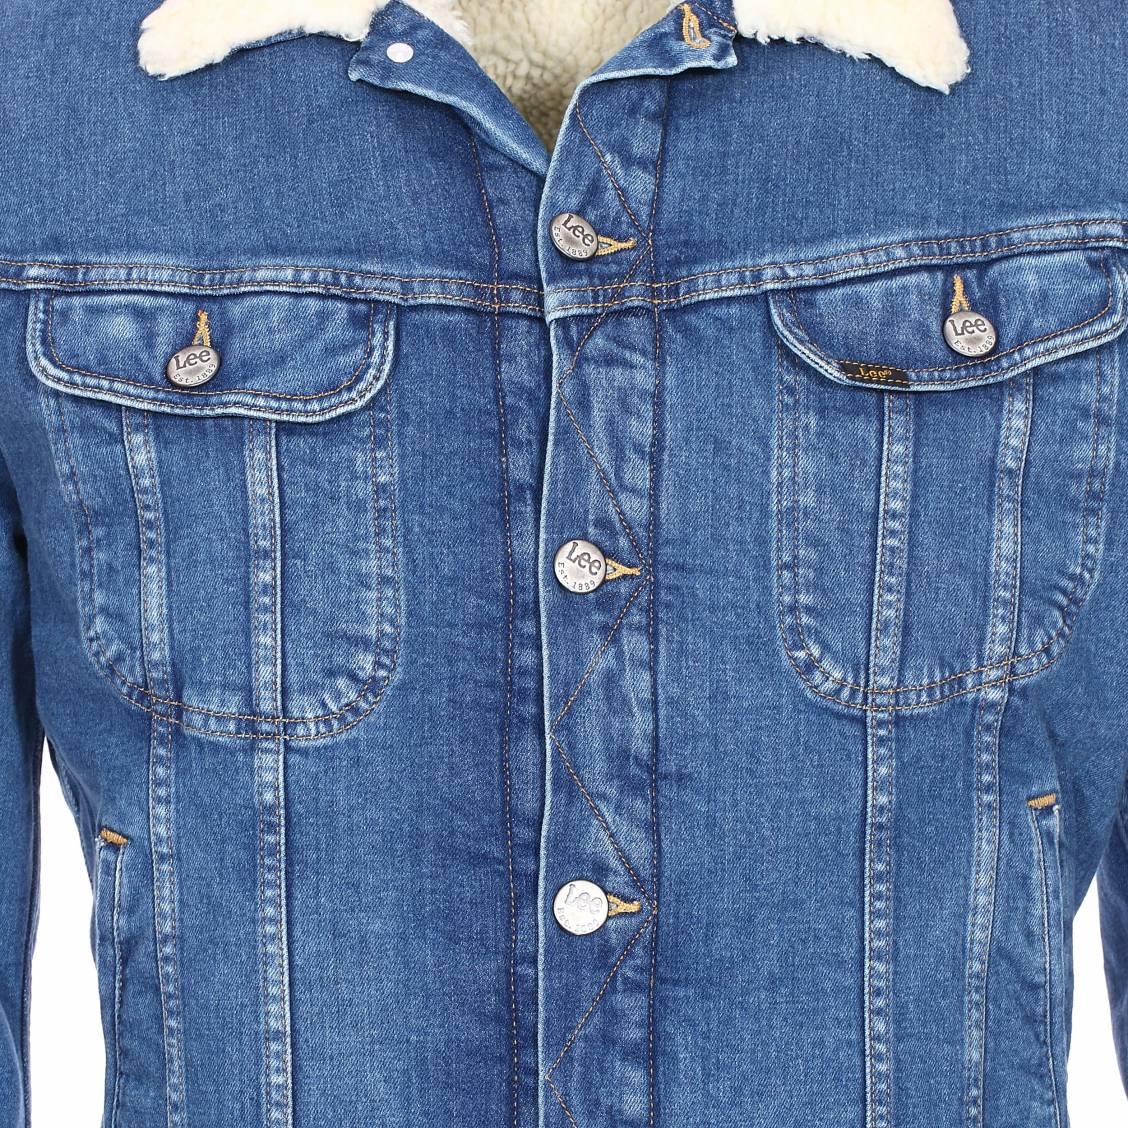 veste en jean lee bleu fonc doublure blanche effet peau de mouton rue des hommes. Black Bedroom Furniture Sets. Home Design Ideas